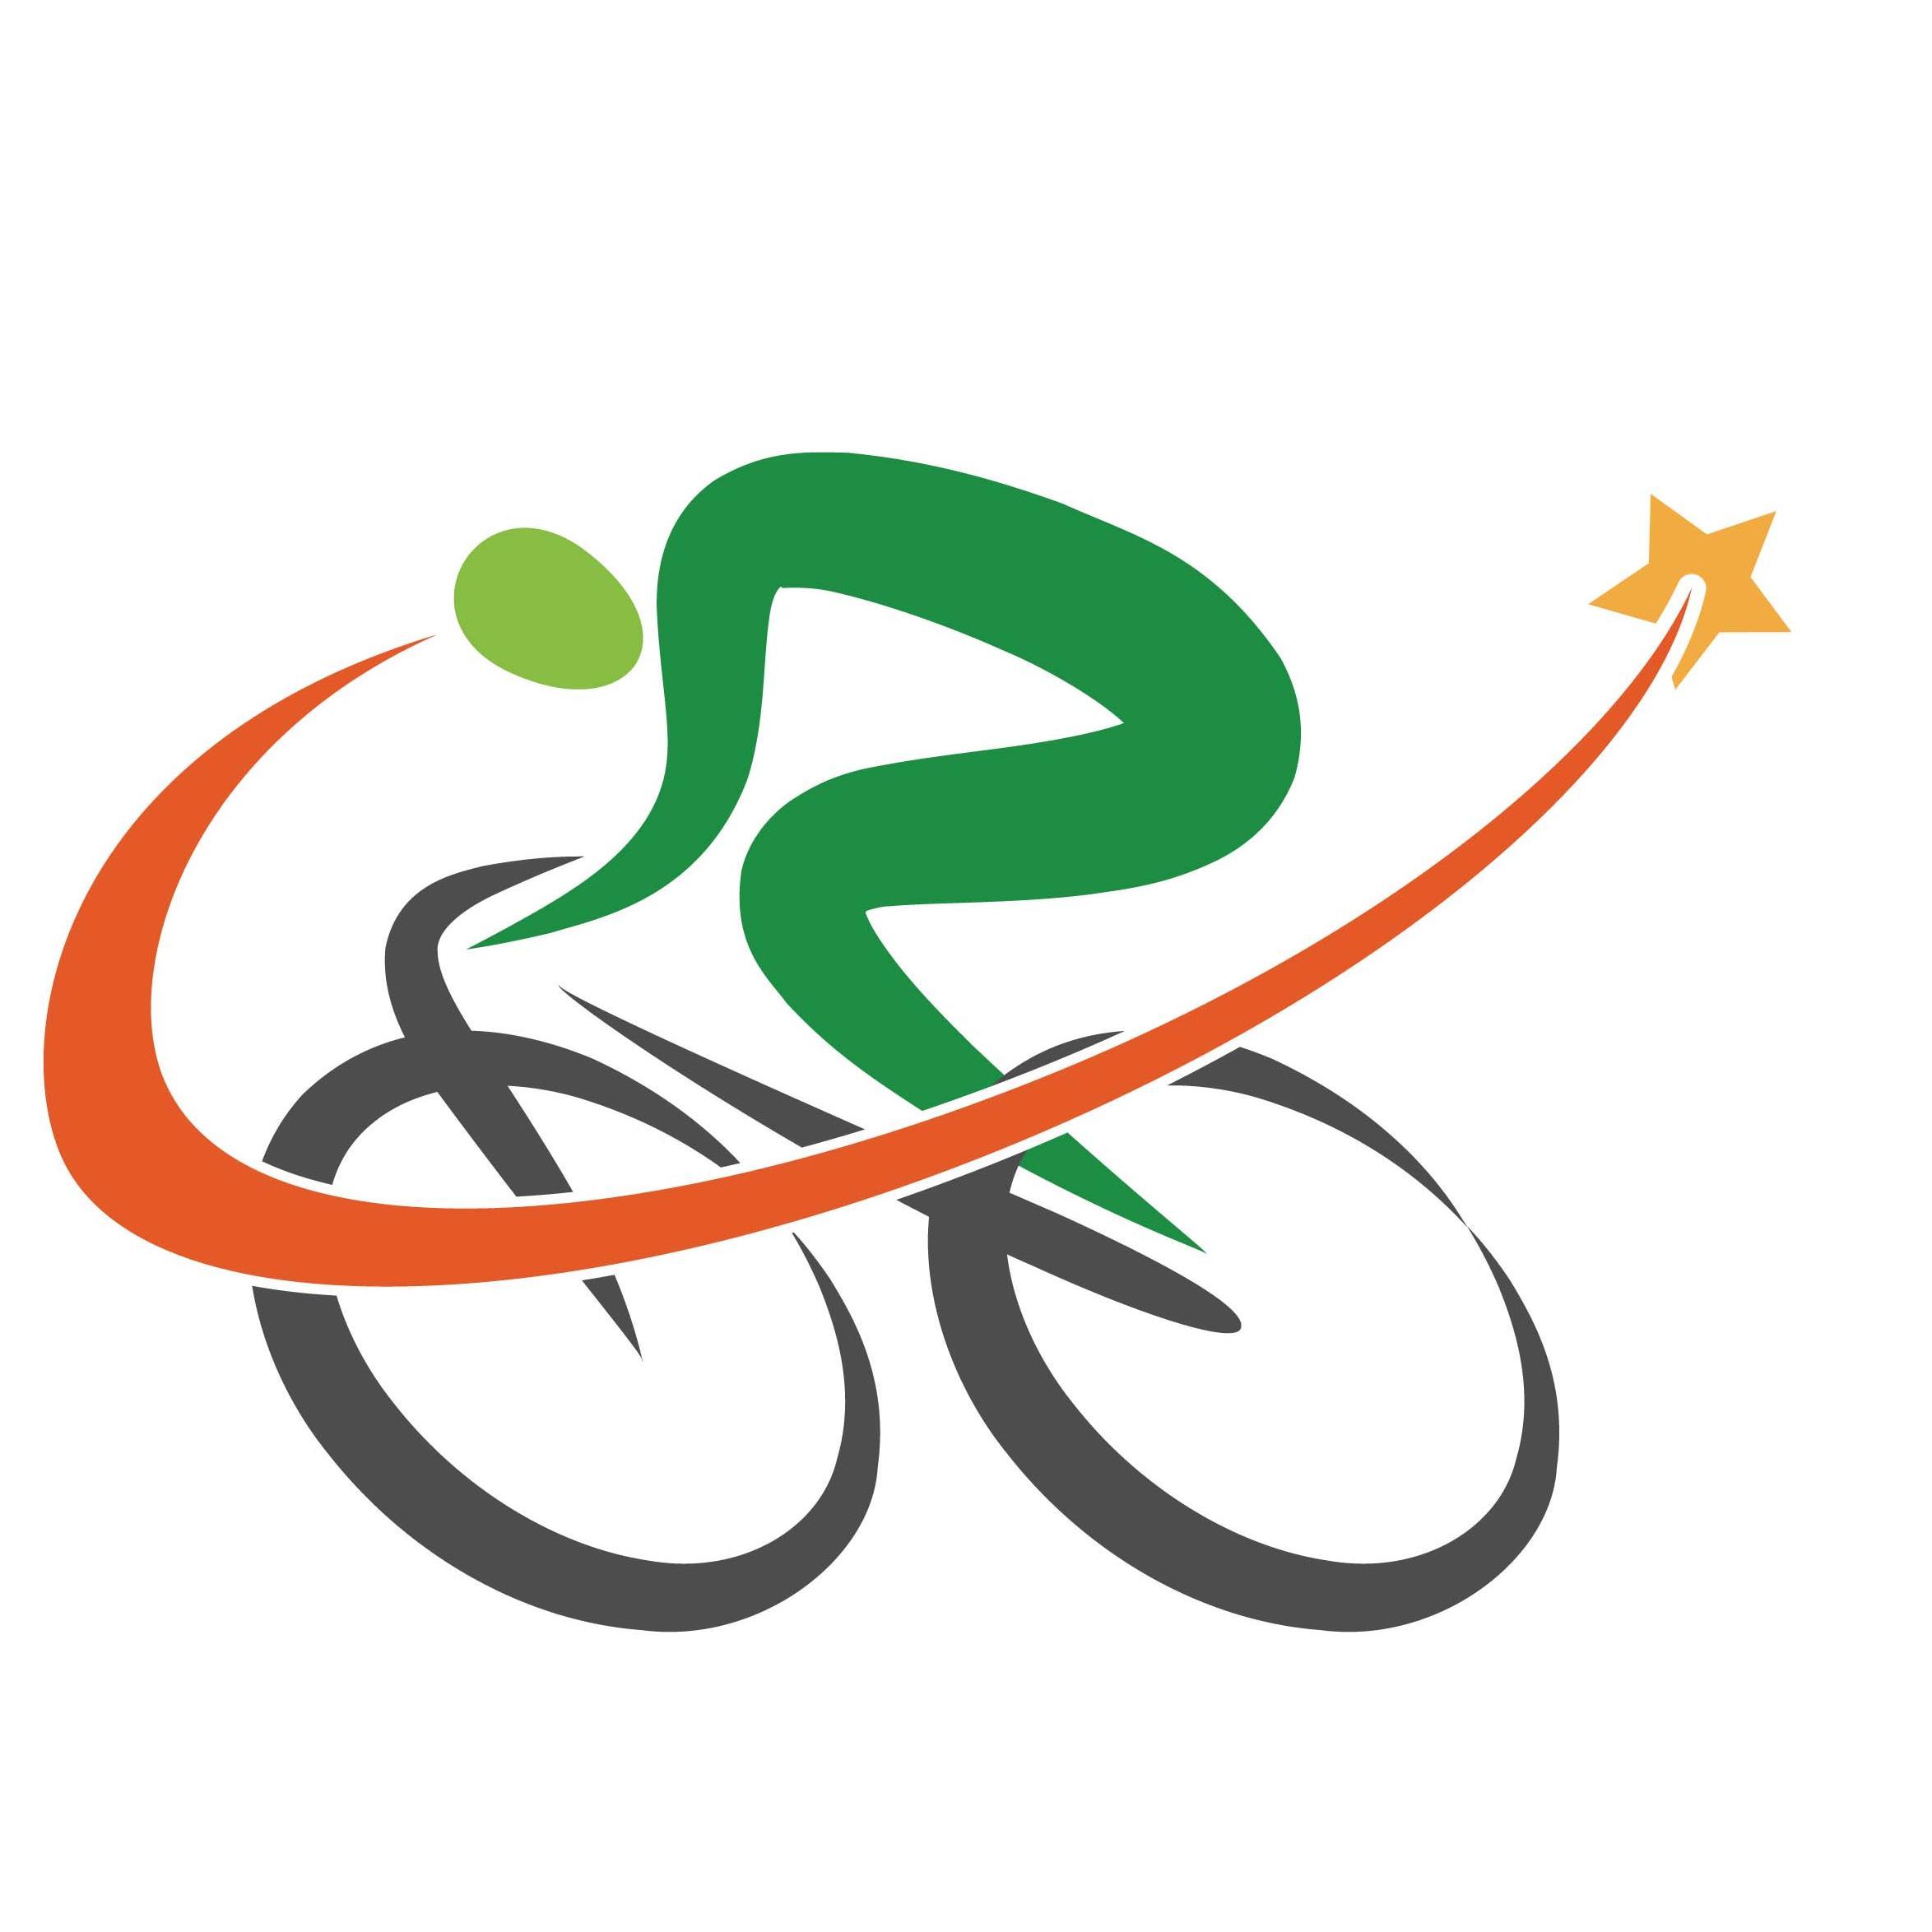 车轮logo矢量图